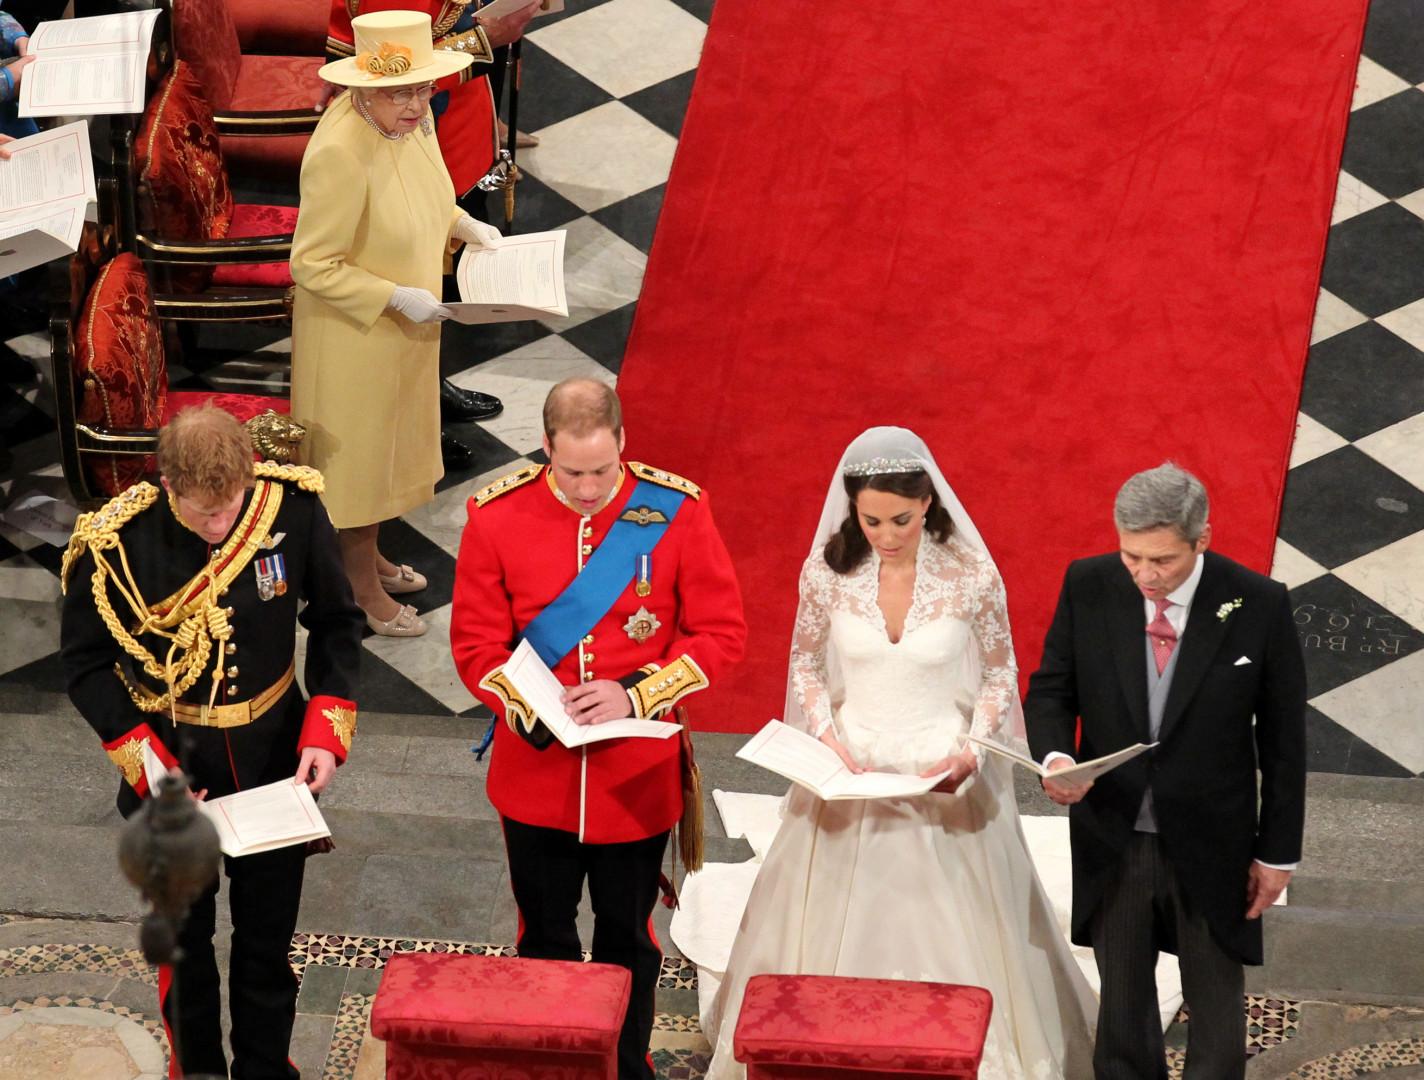 Devant l'autel pour le mariage de Kate et William, duc et duchesse de Cambridge, le 29 avril 2011